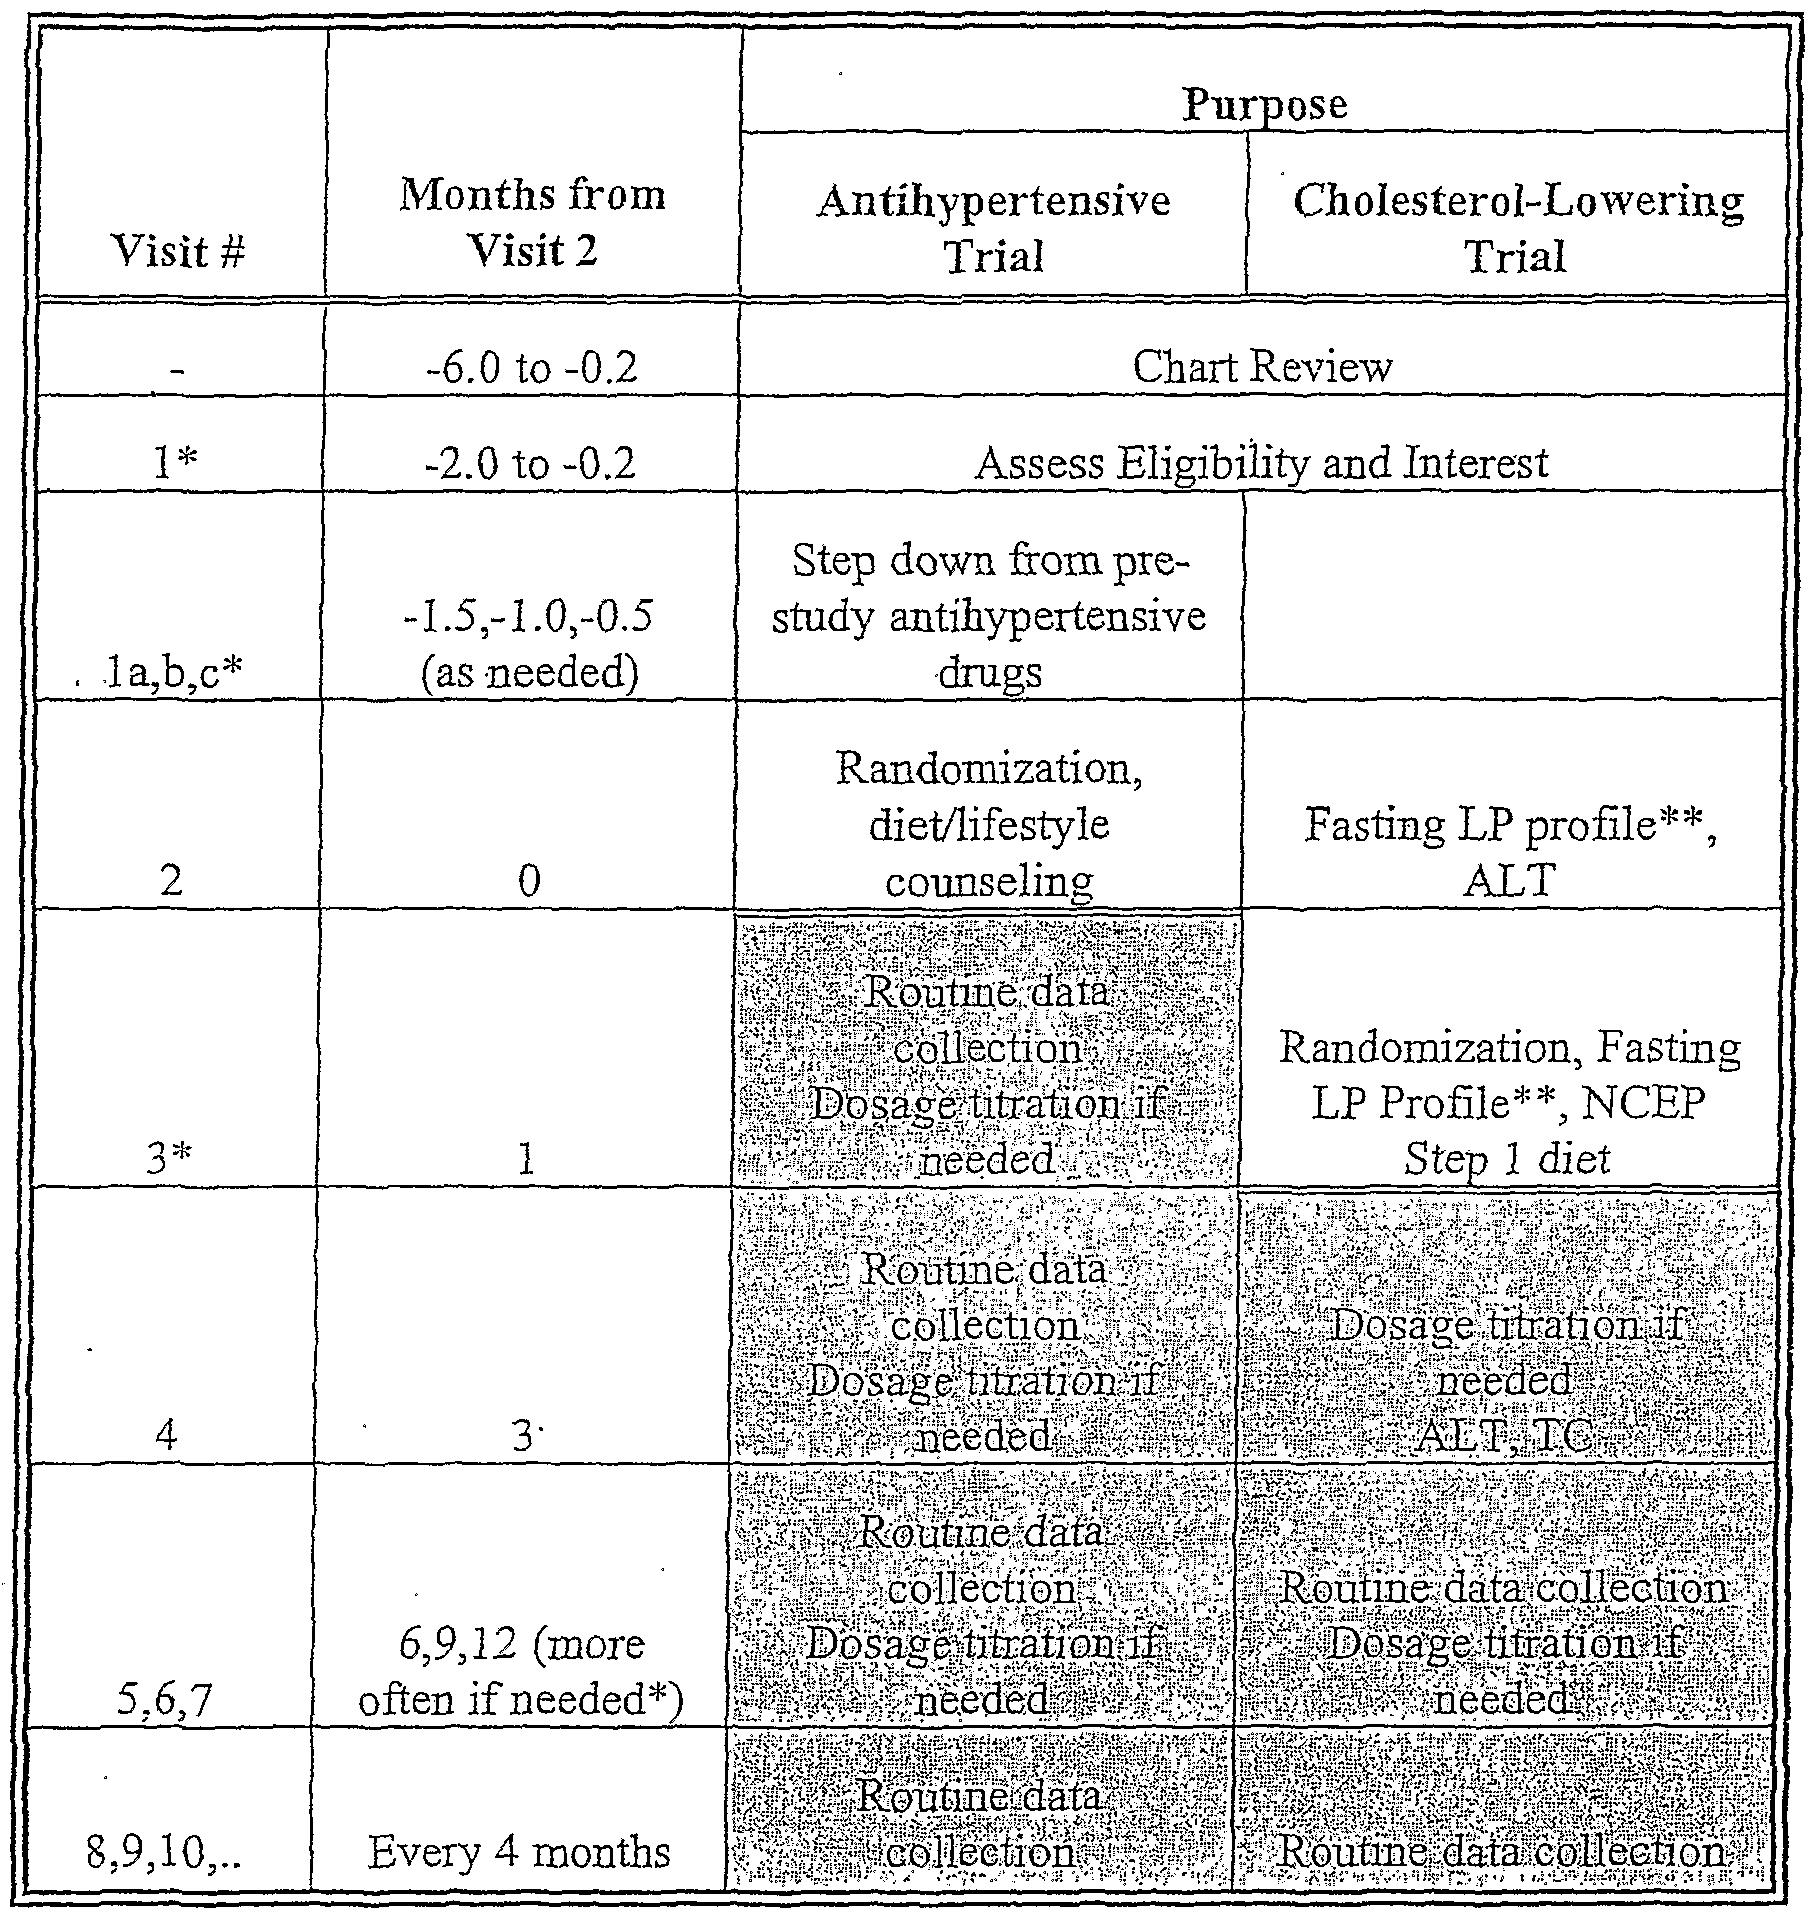 pyridium 200 tablet uses in tamil